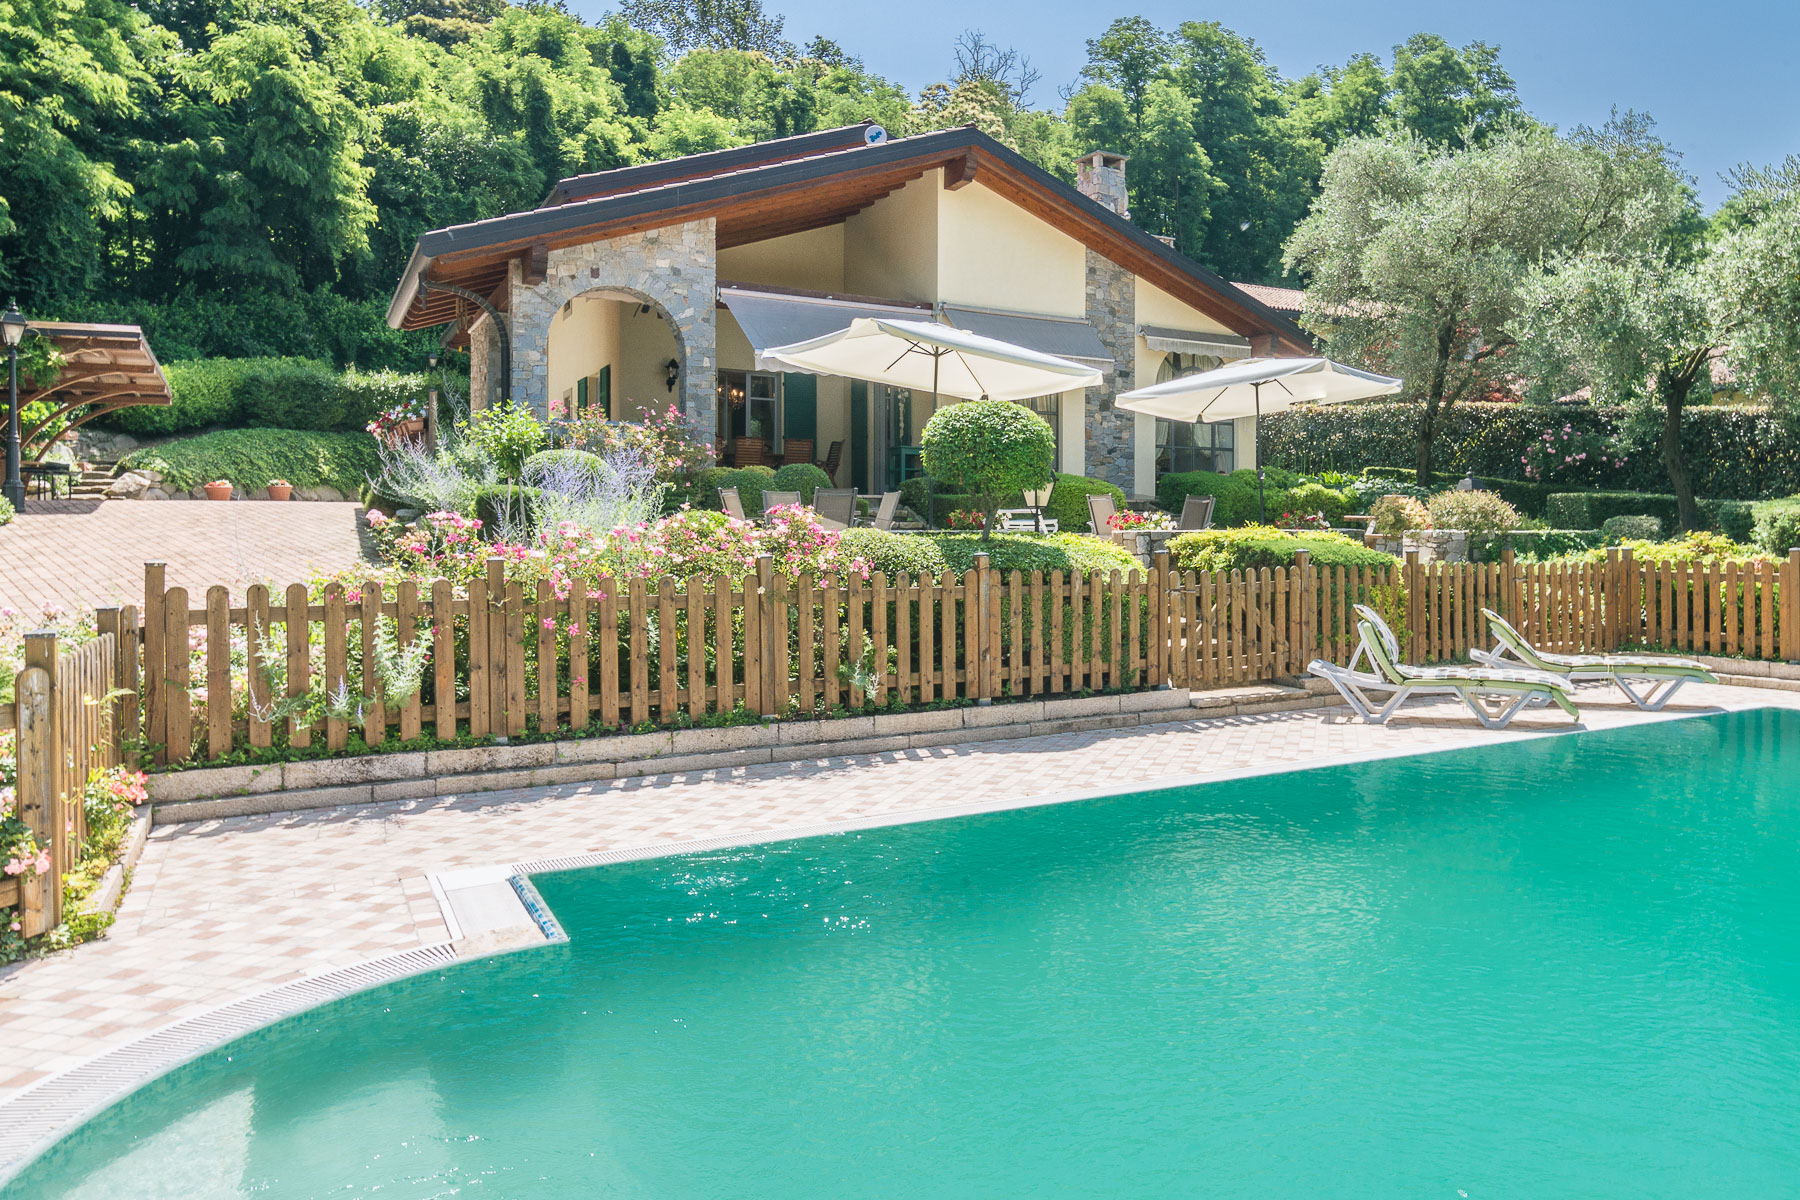 Villa in Vendita a Besozzo: 5 locali, 426 mq - Foto 24